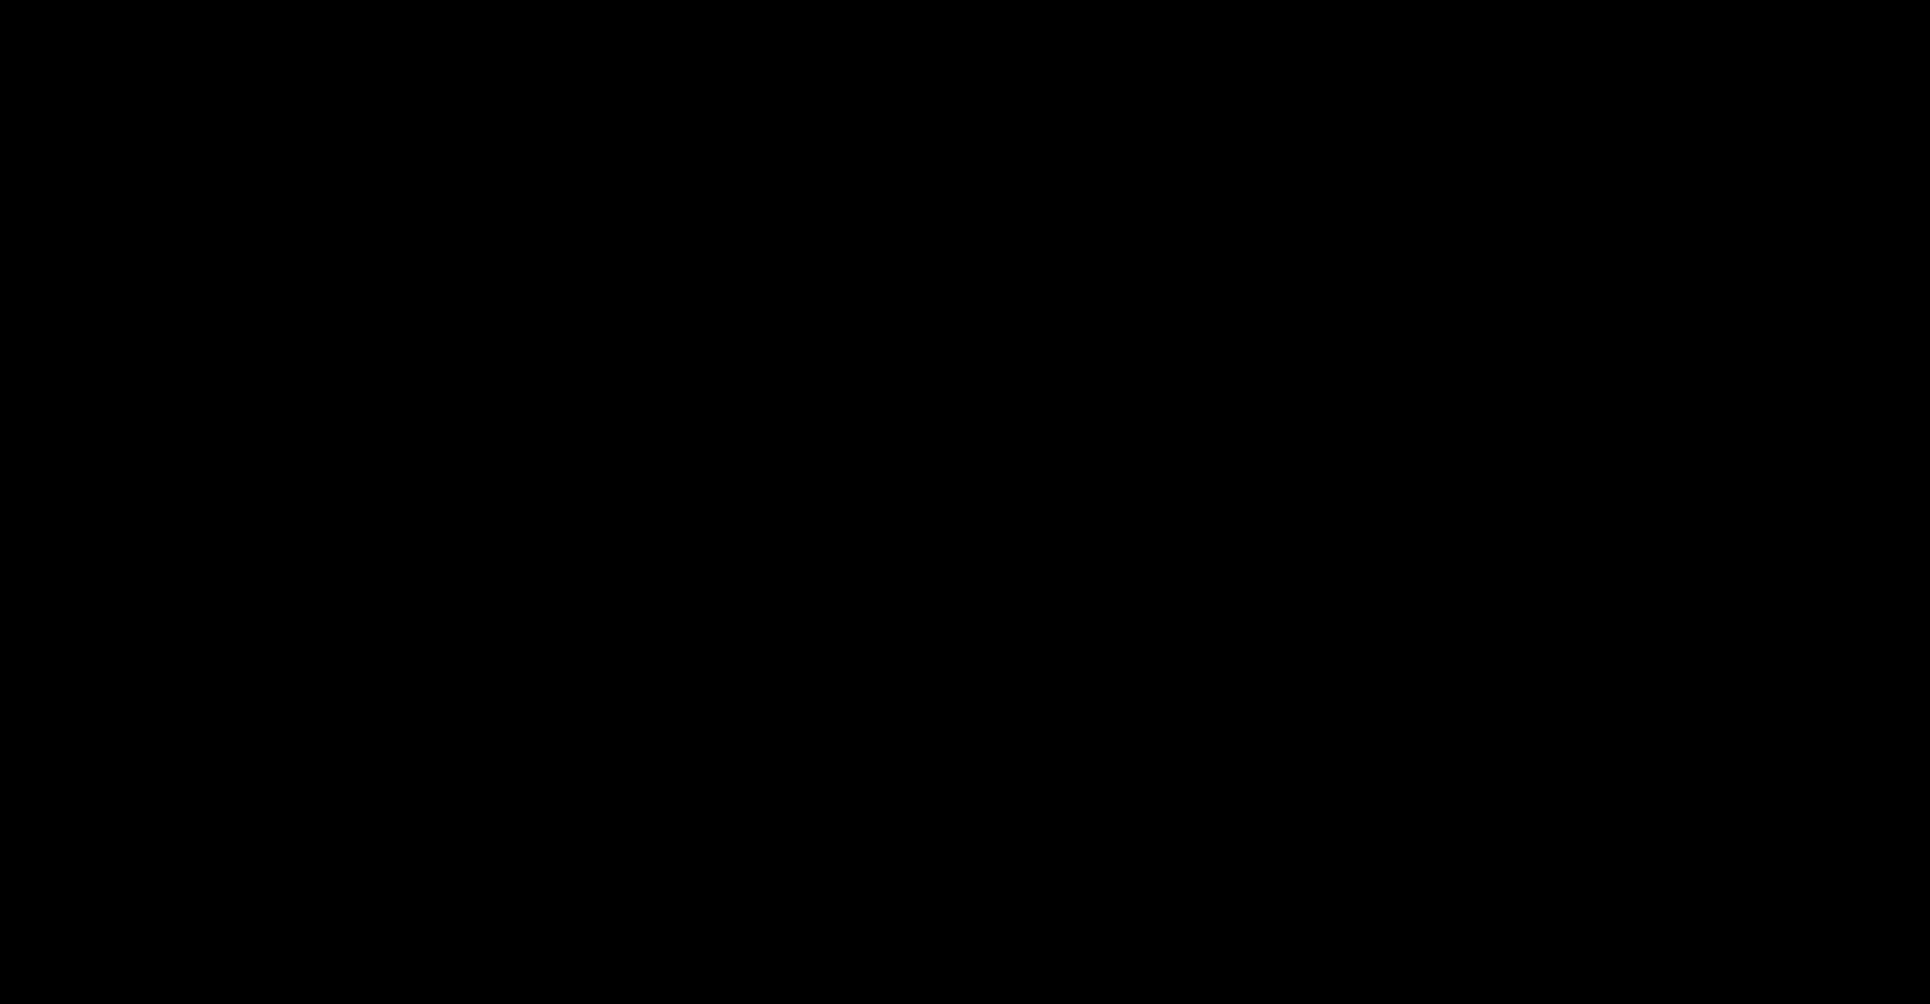 Jaguar-logo-1.png